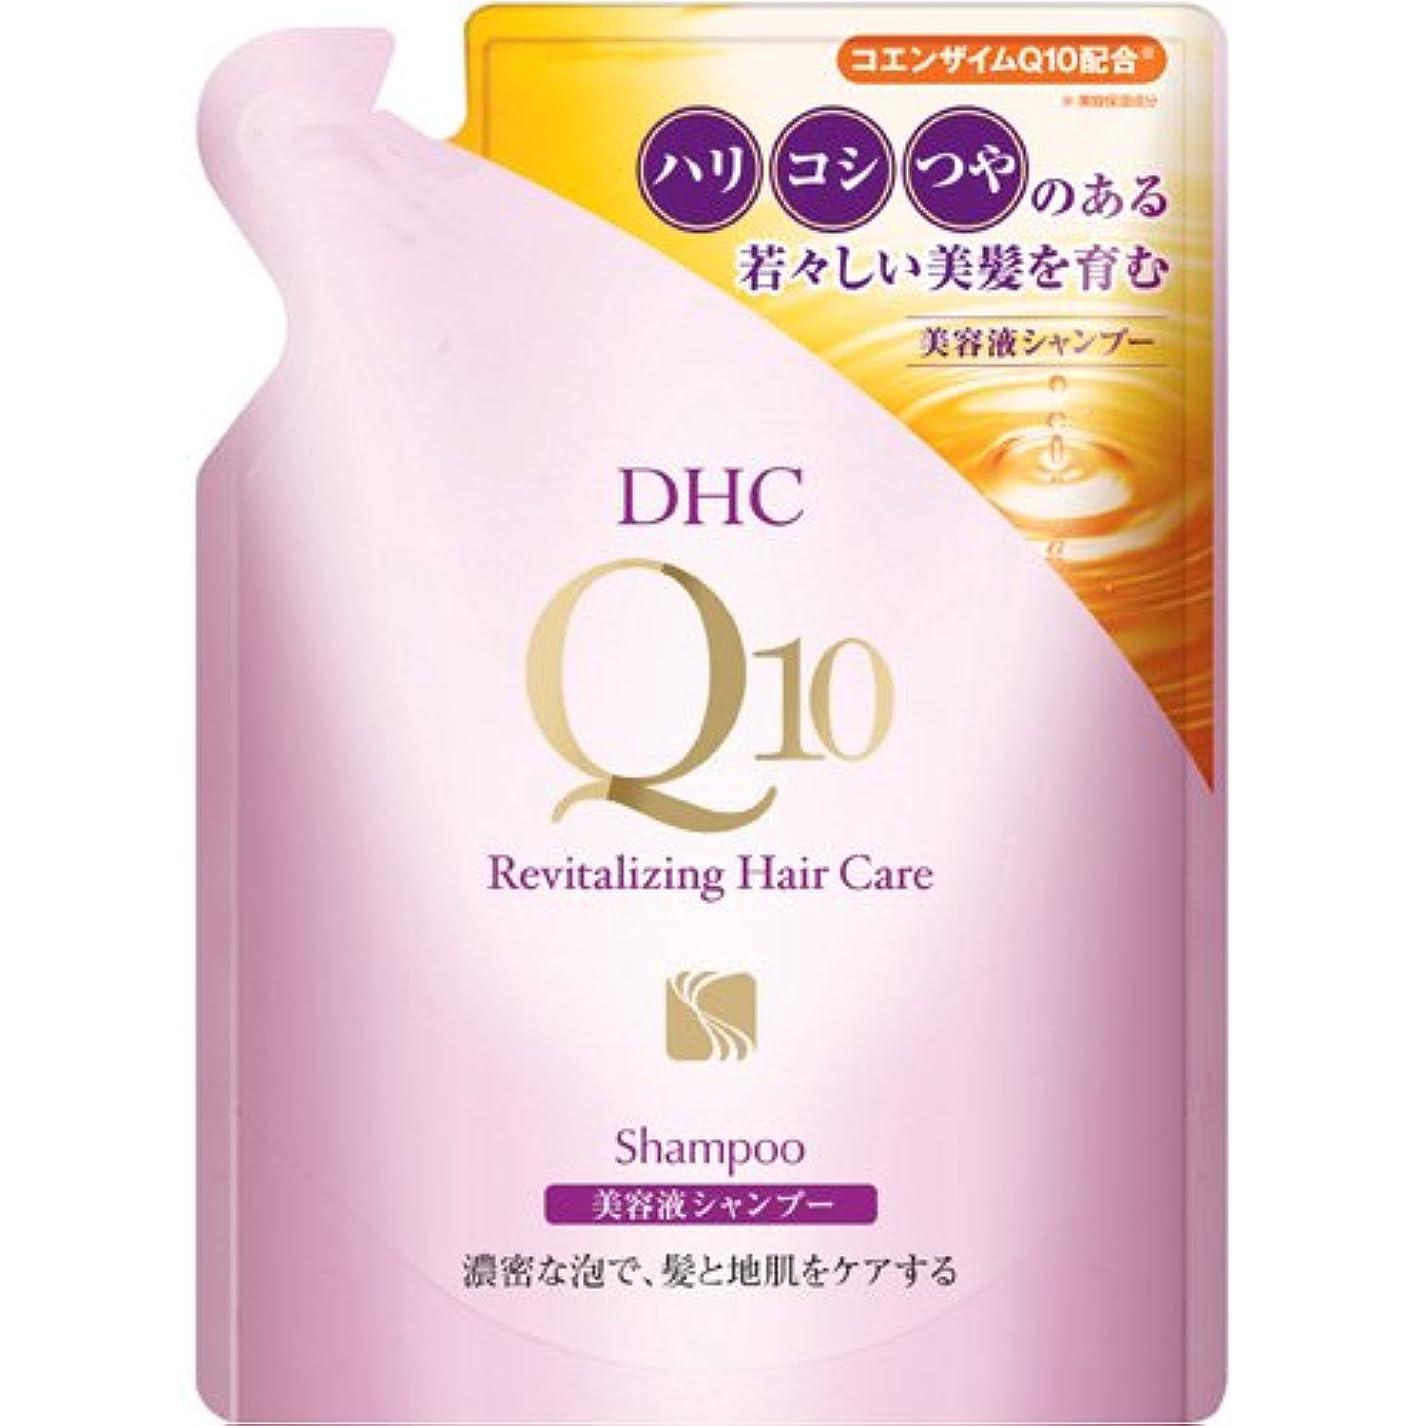 信念四分円移動DHC Q10美容液 シャンプー 詰め替え用 (SS) 240ml